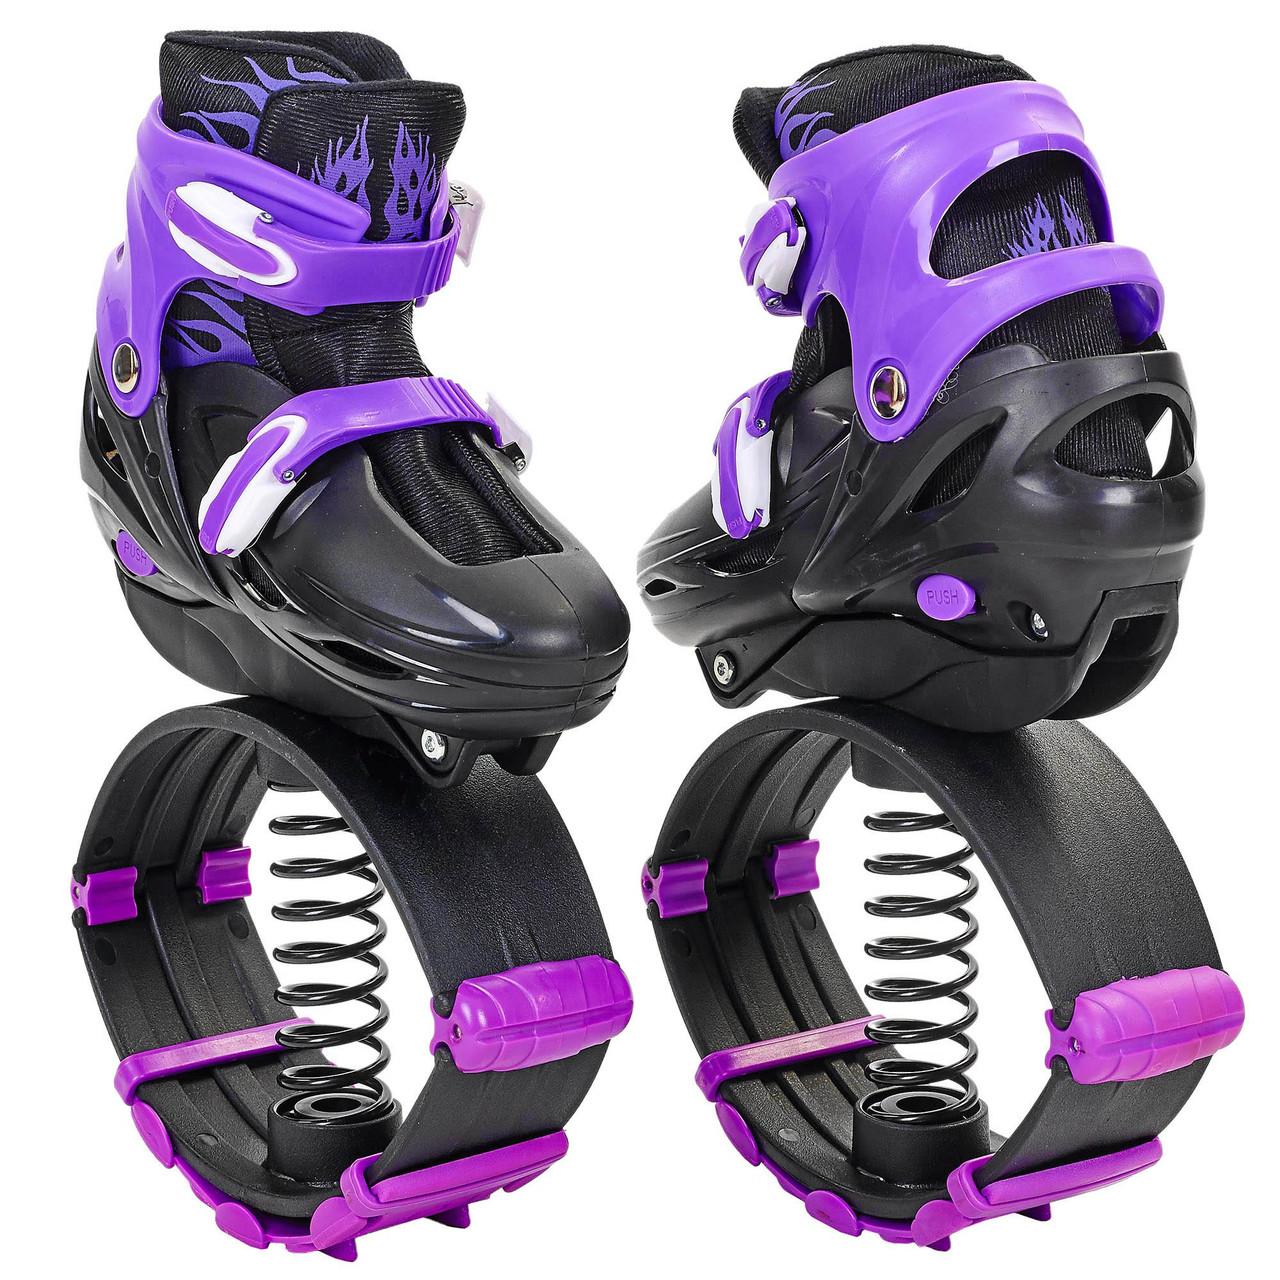 Фитнес джамперы Ботинки на пружинах NewStar Kangoo Jumps фиолетовые SK-901H, 35-38